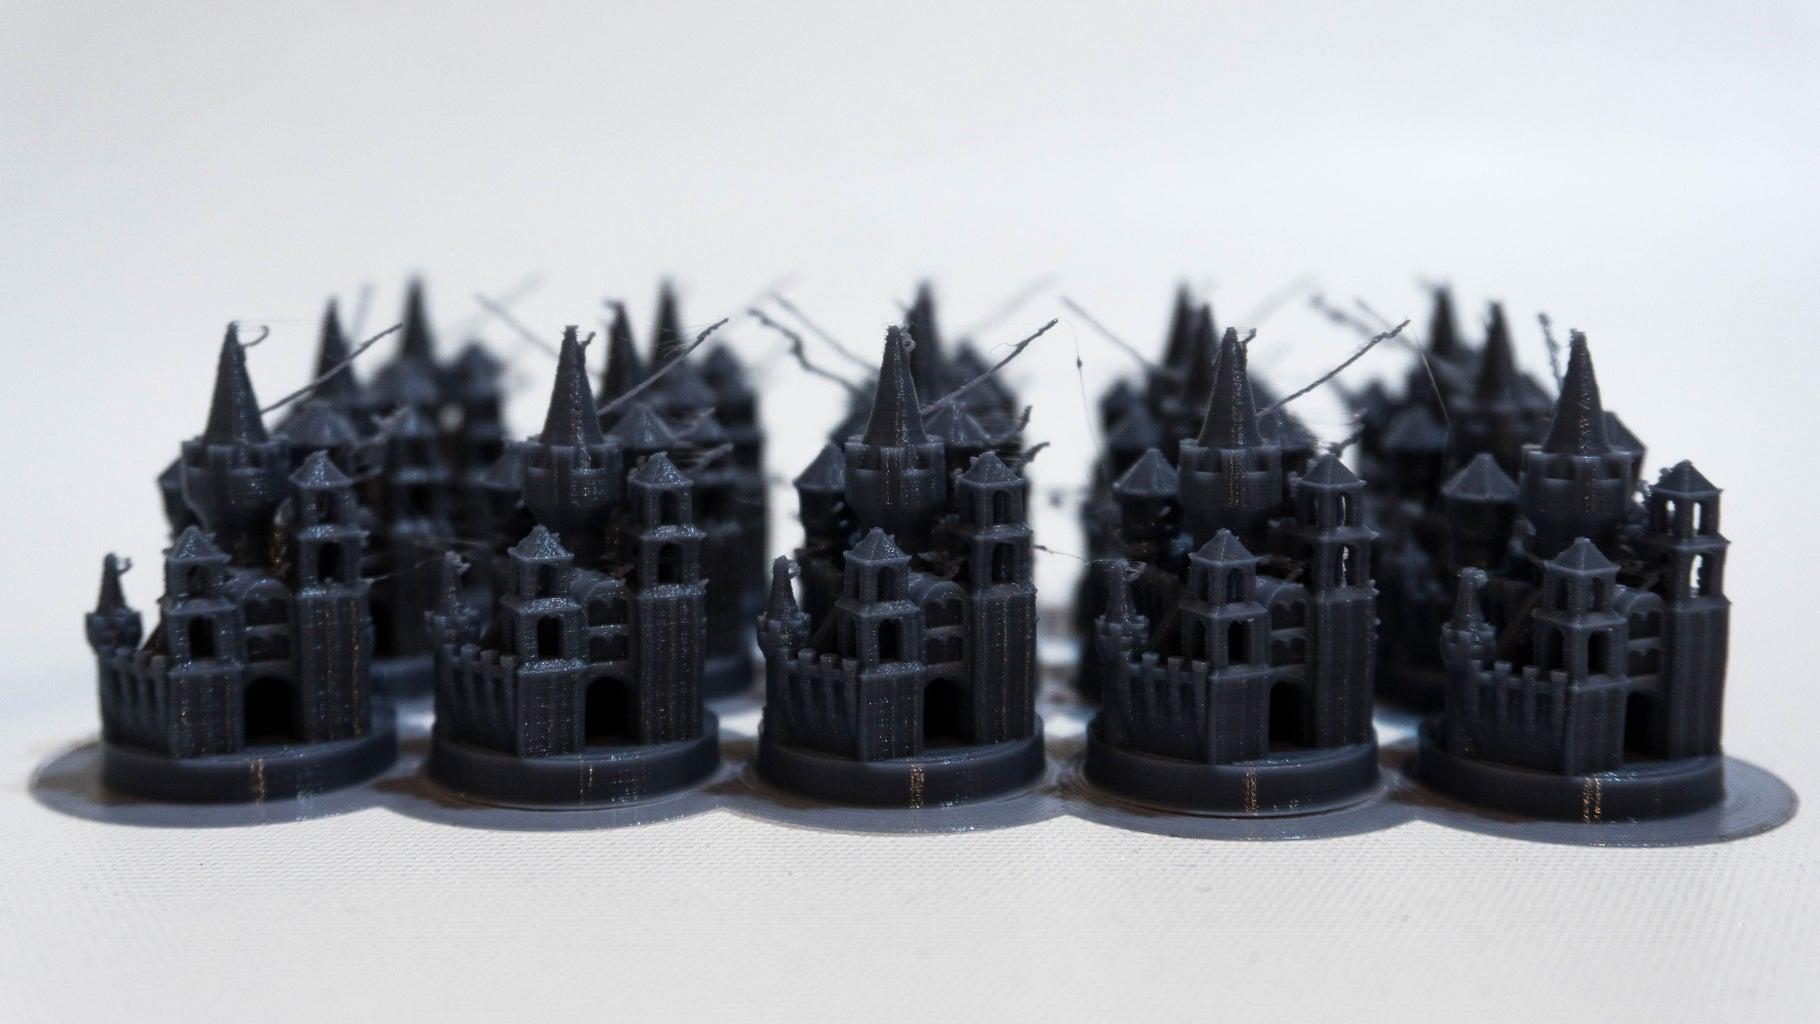 3D Print the Models